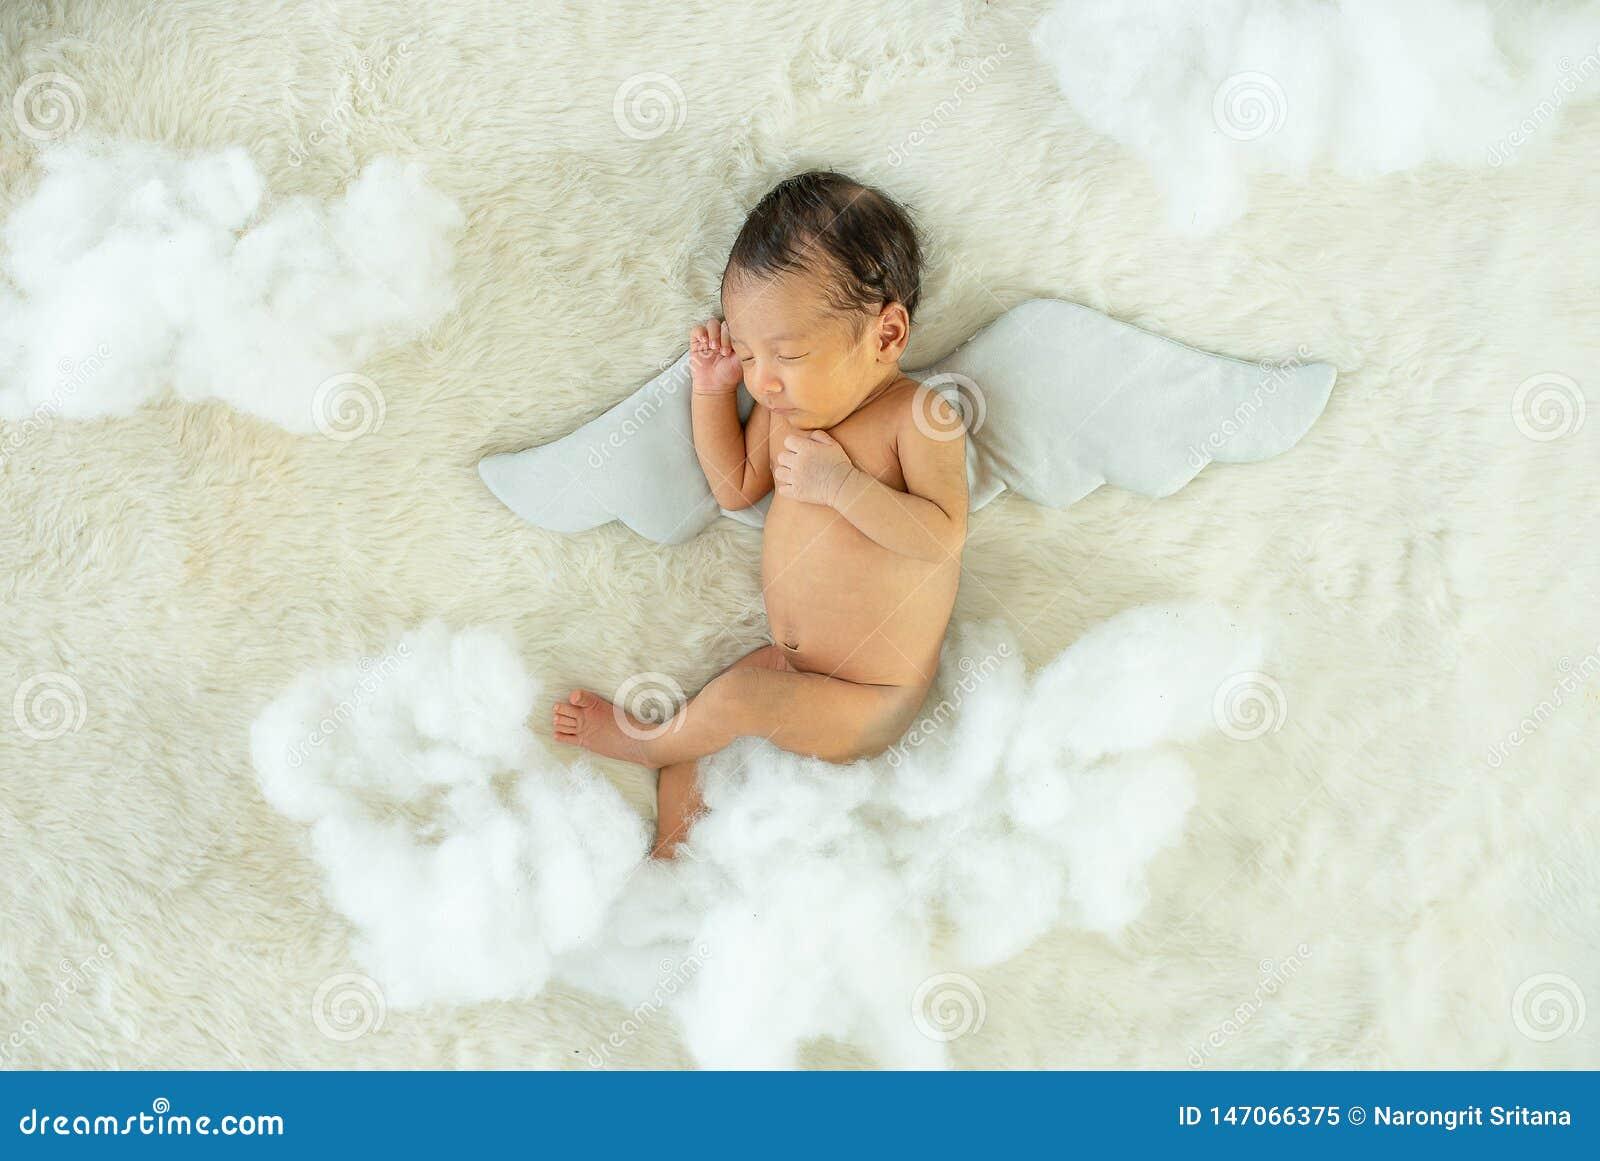 Немногое newborn младенец спит на белой кровати с аксессуаром крыла и пушистыми пандами